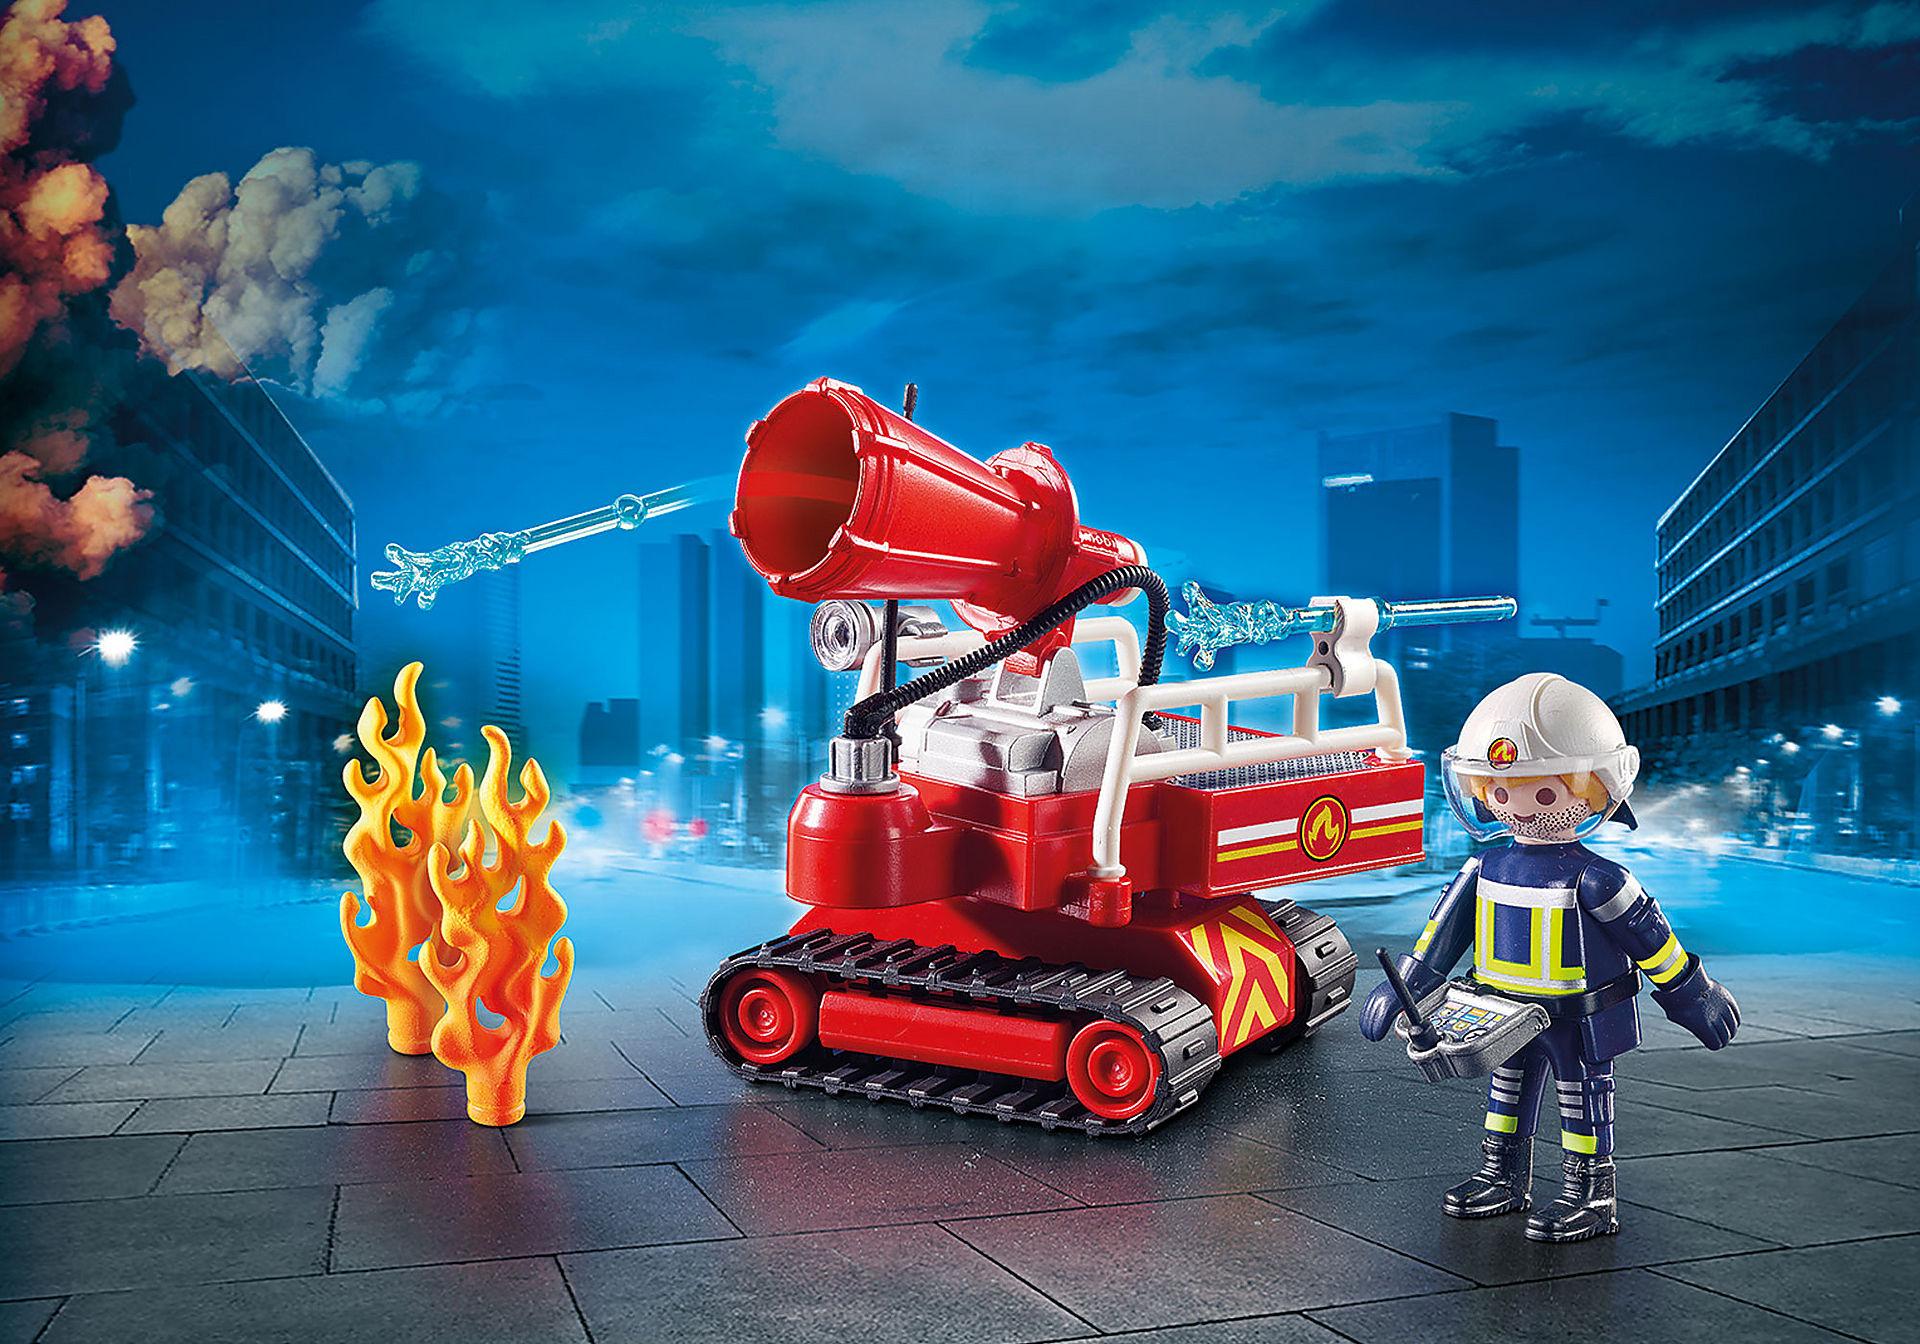 9467 Feuerwehr-Löschroboter zoom image1